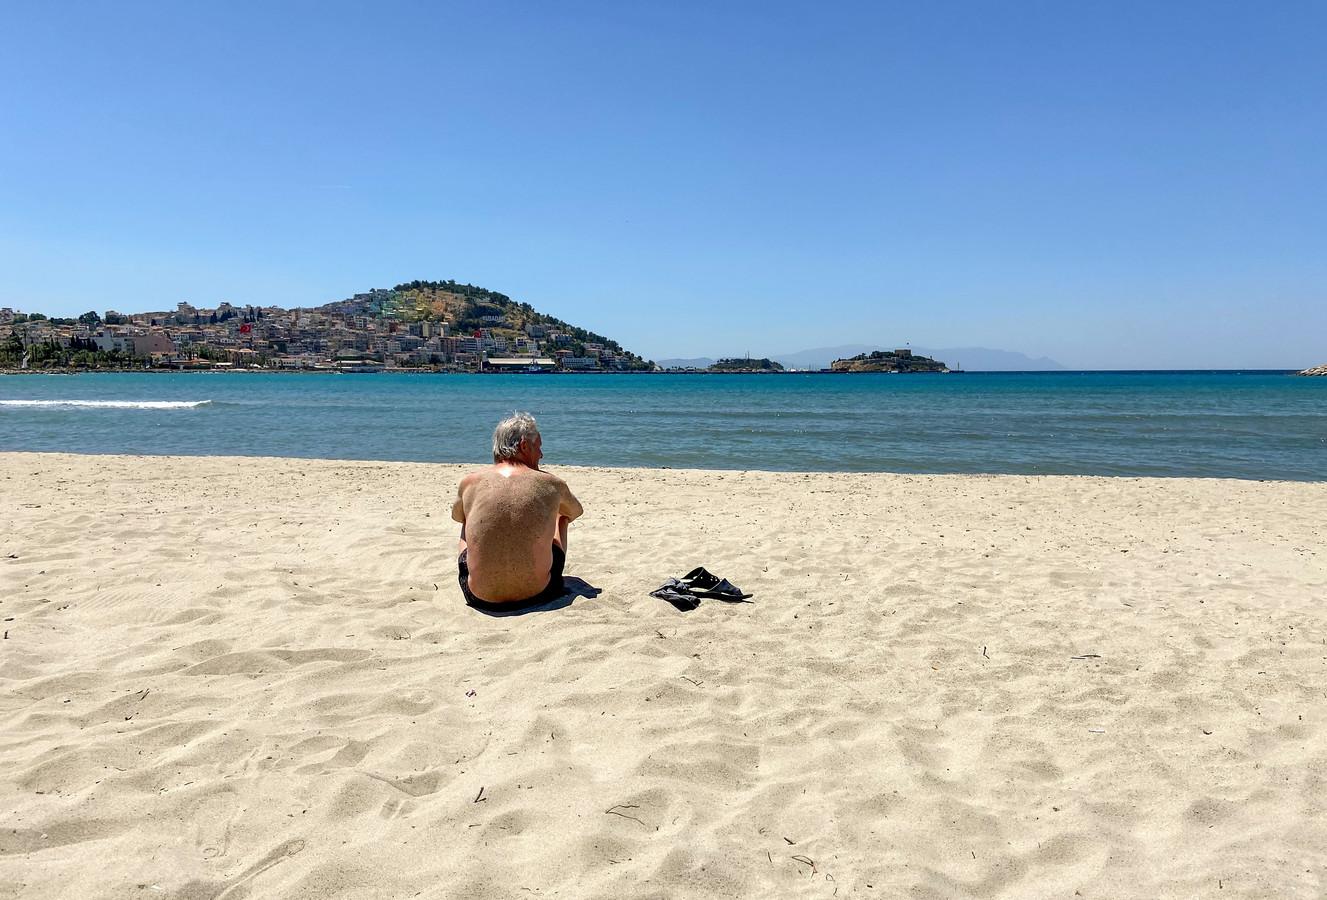 Terwijl de Turkse bevolking in een strenge lockdown zit vanwege het coronavirus mogen buitenlandse toeristen zich vrij bewegen in de badplaats Kusadasi.